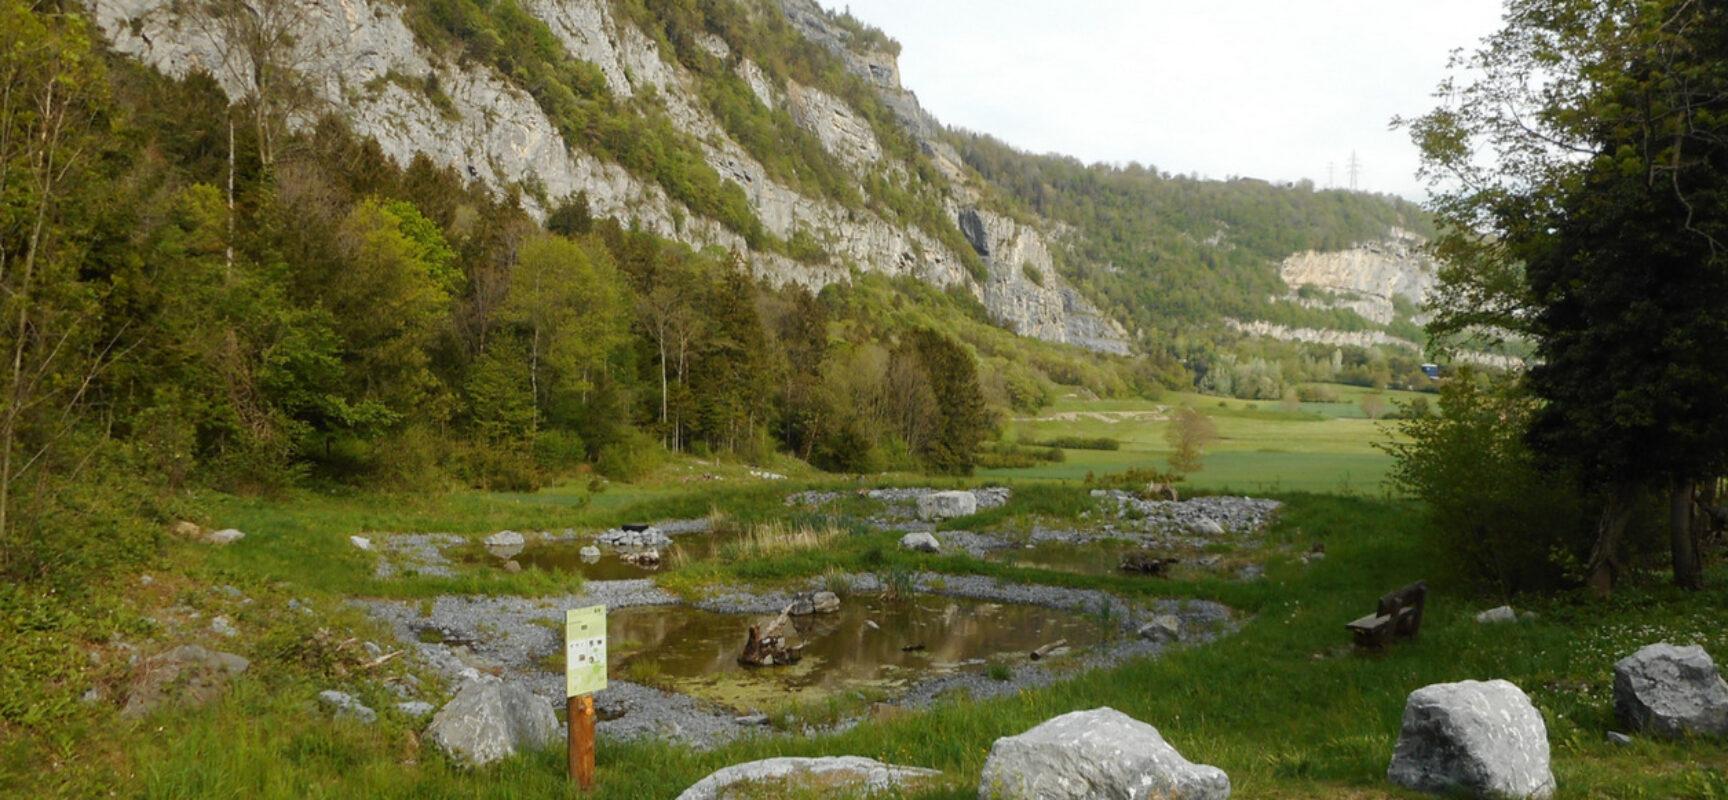 St. Moritz VS (St-Maurice): Wildtierpassage unter Autobahn aufgewertet